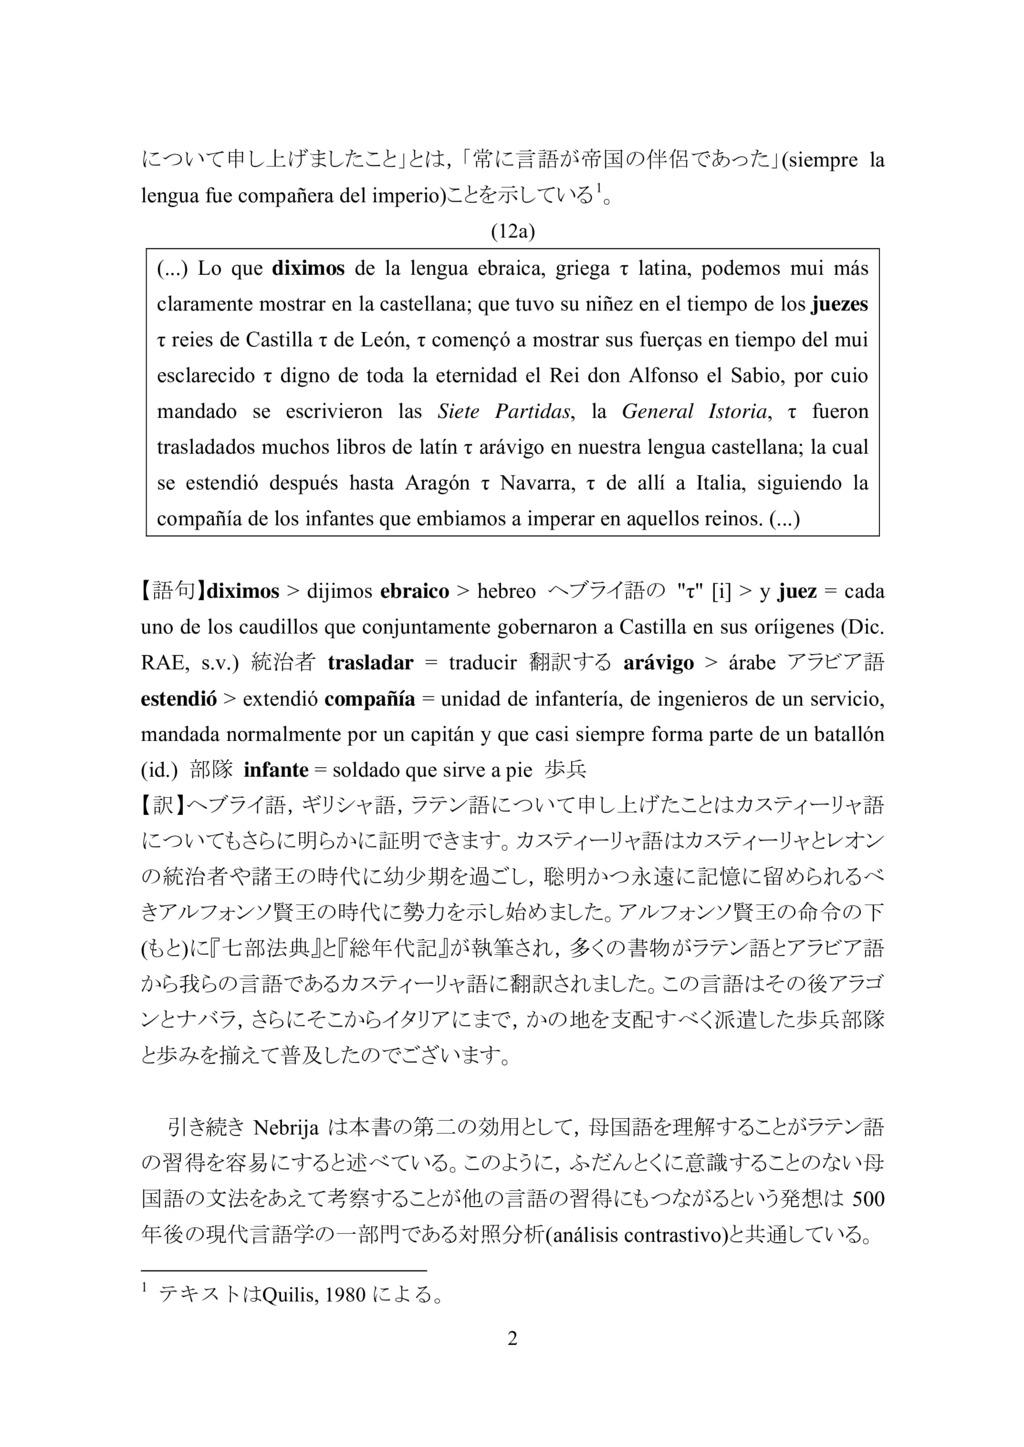 文法の誕生…アントニオ・デ・ネブリハ『カスティーリャ語文法』